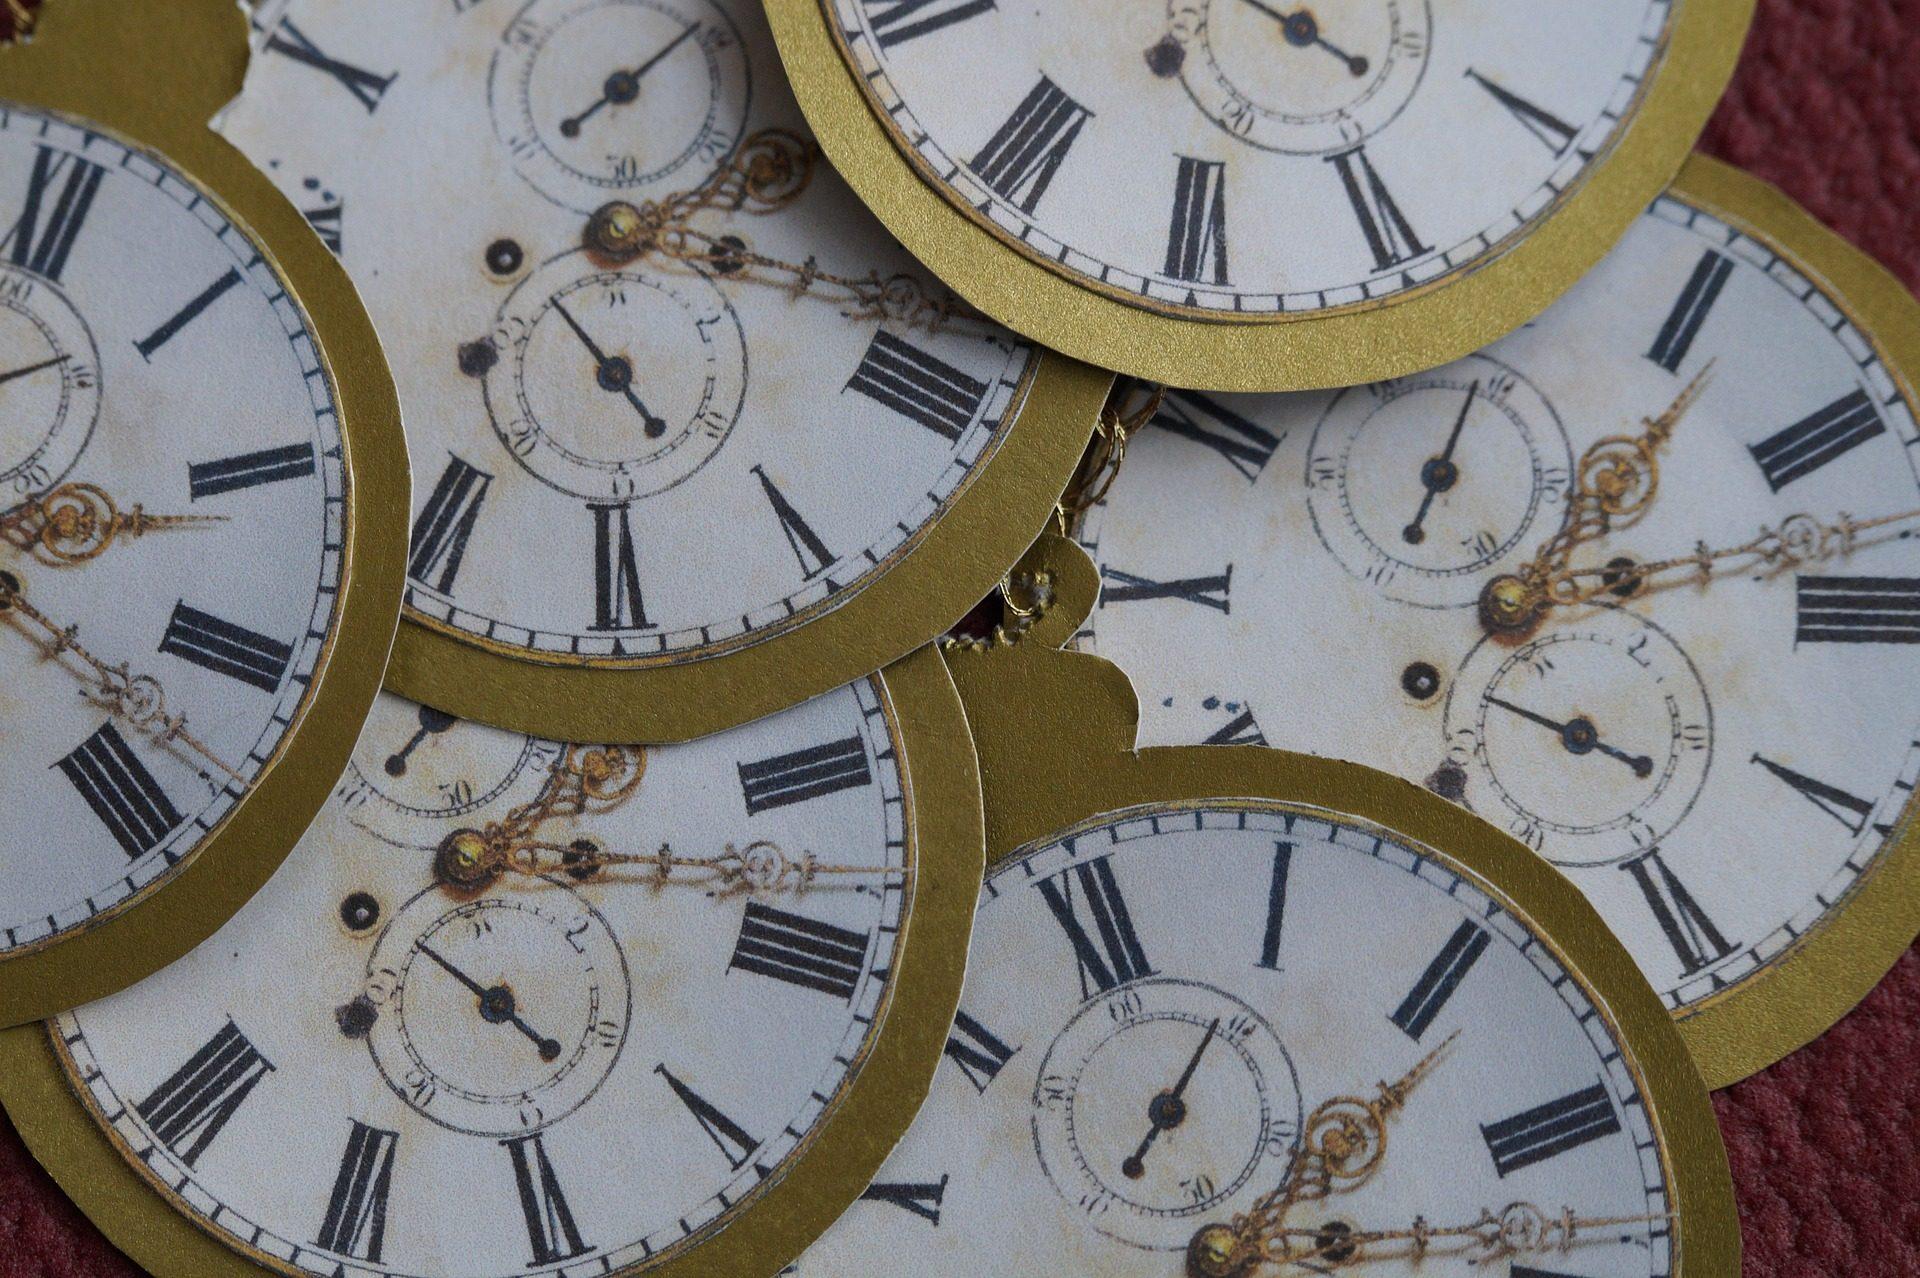 clock-1163910_1920-1920x1278.jpg